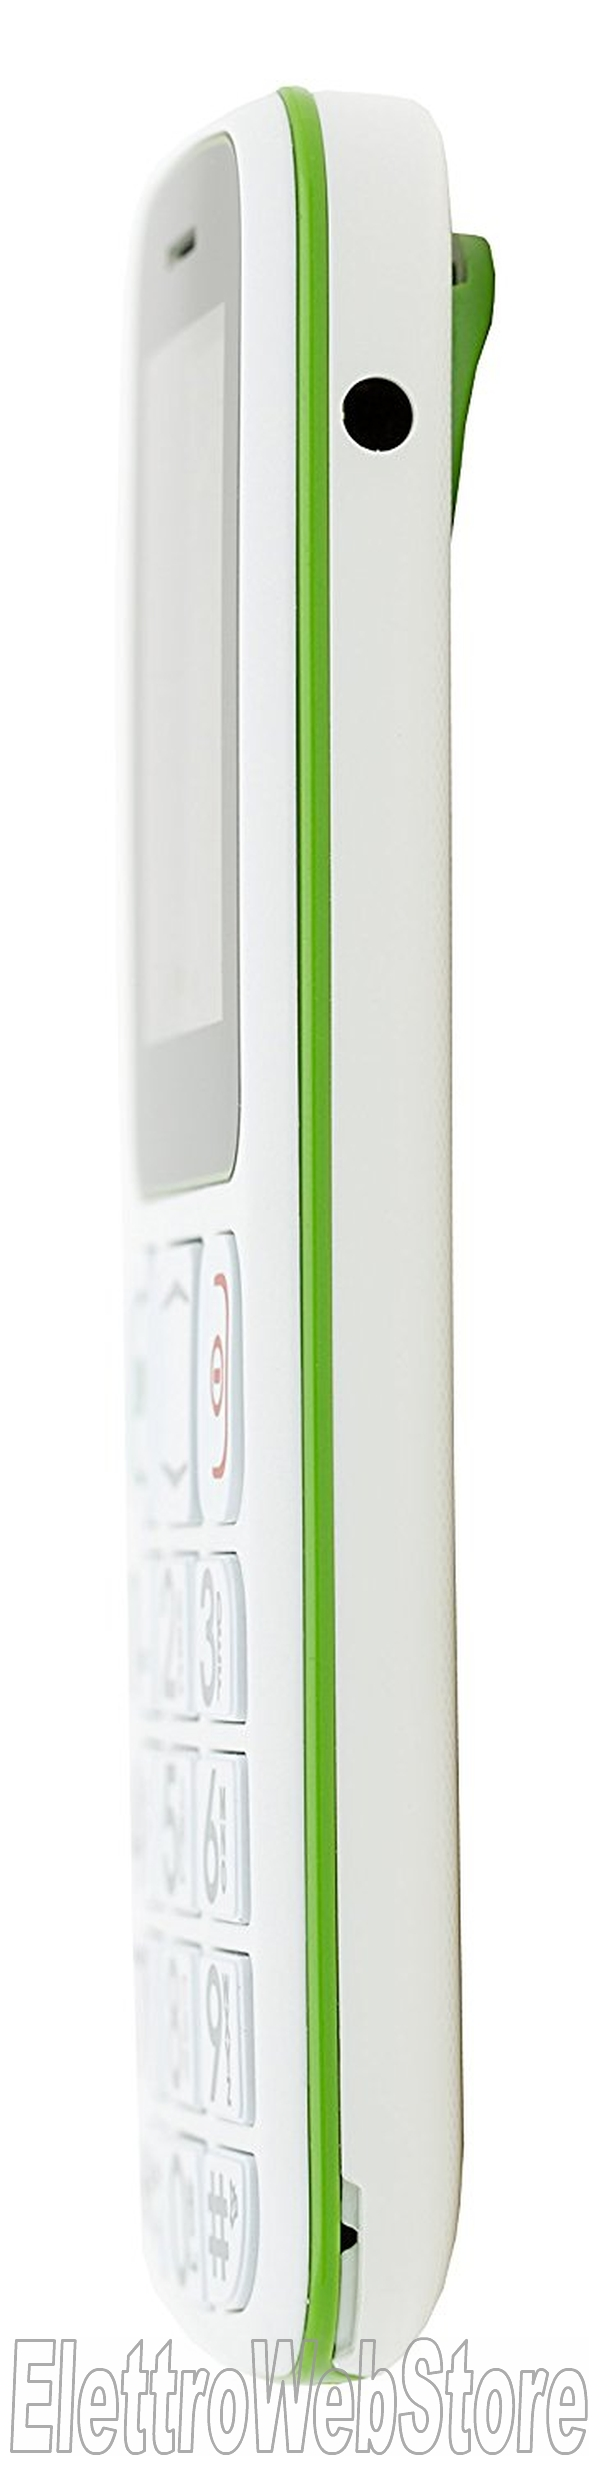 TEO telefono cellulare dual SIM tasti grandi fotocamera tasto SOS